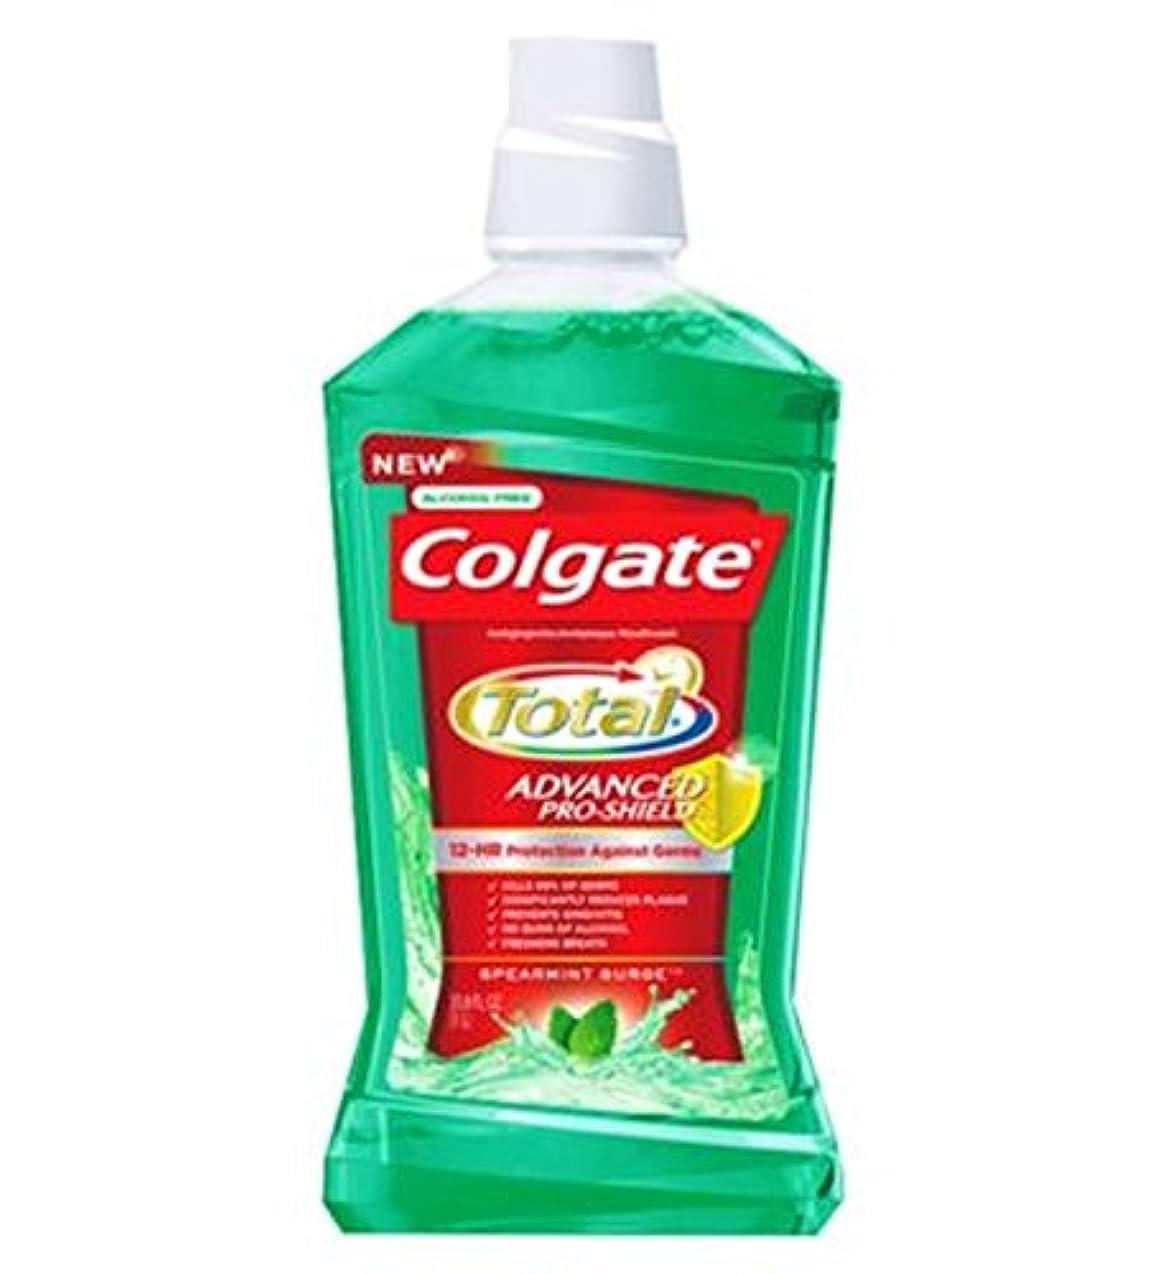 タイヤクリケットラフ睡眠Colgate Mouthrinse Total Green 500ml - コルゲートの口内洗浄剤の合計緑500ミリリットル (Colgate) [並行輸入品]